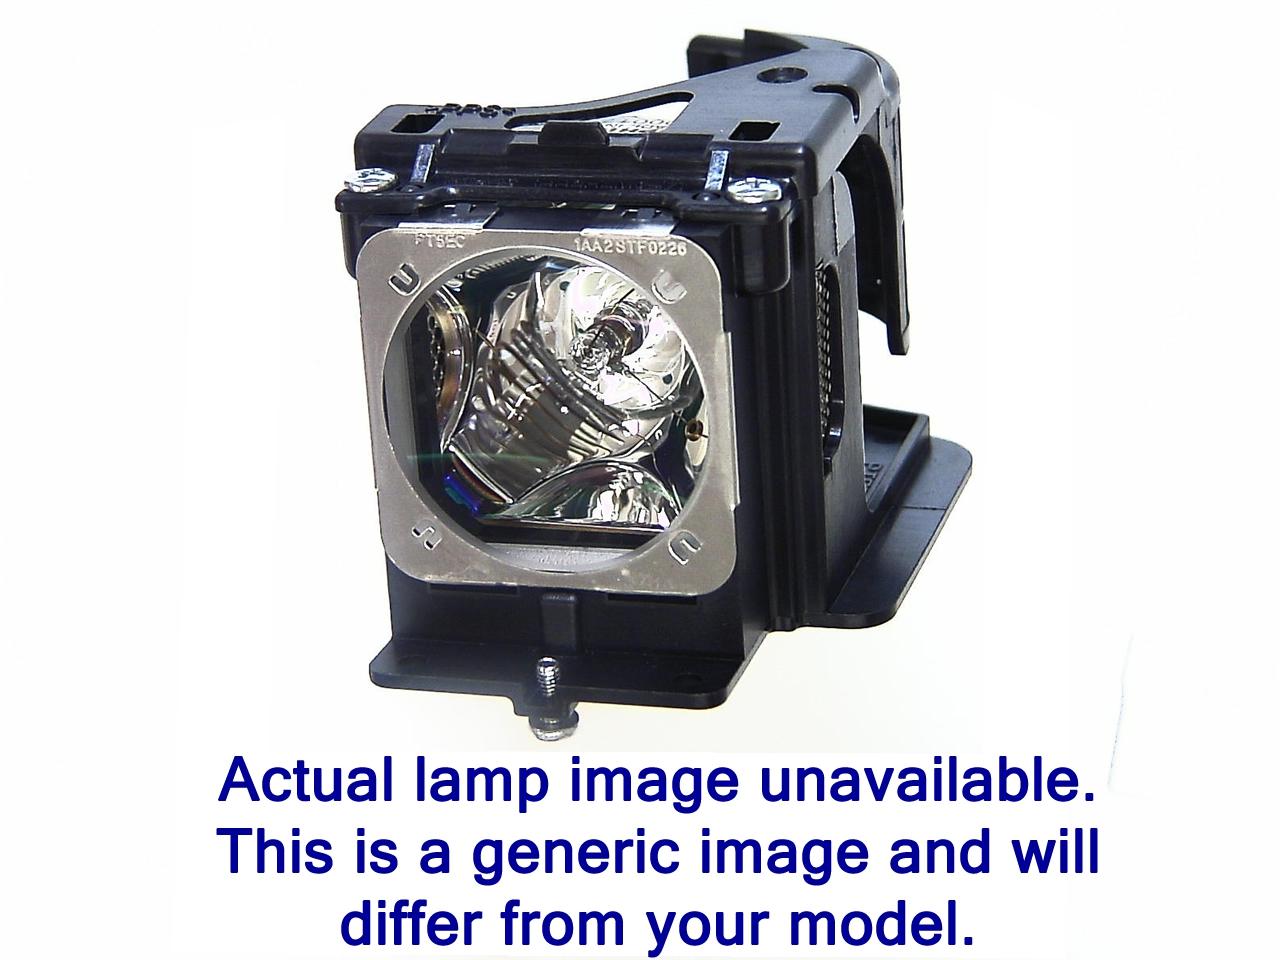 Lámpara BARCO FLM HD14 (refurbished)